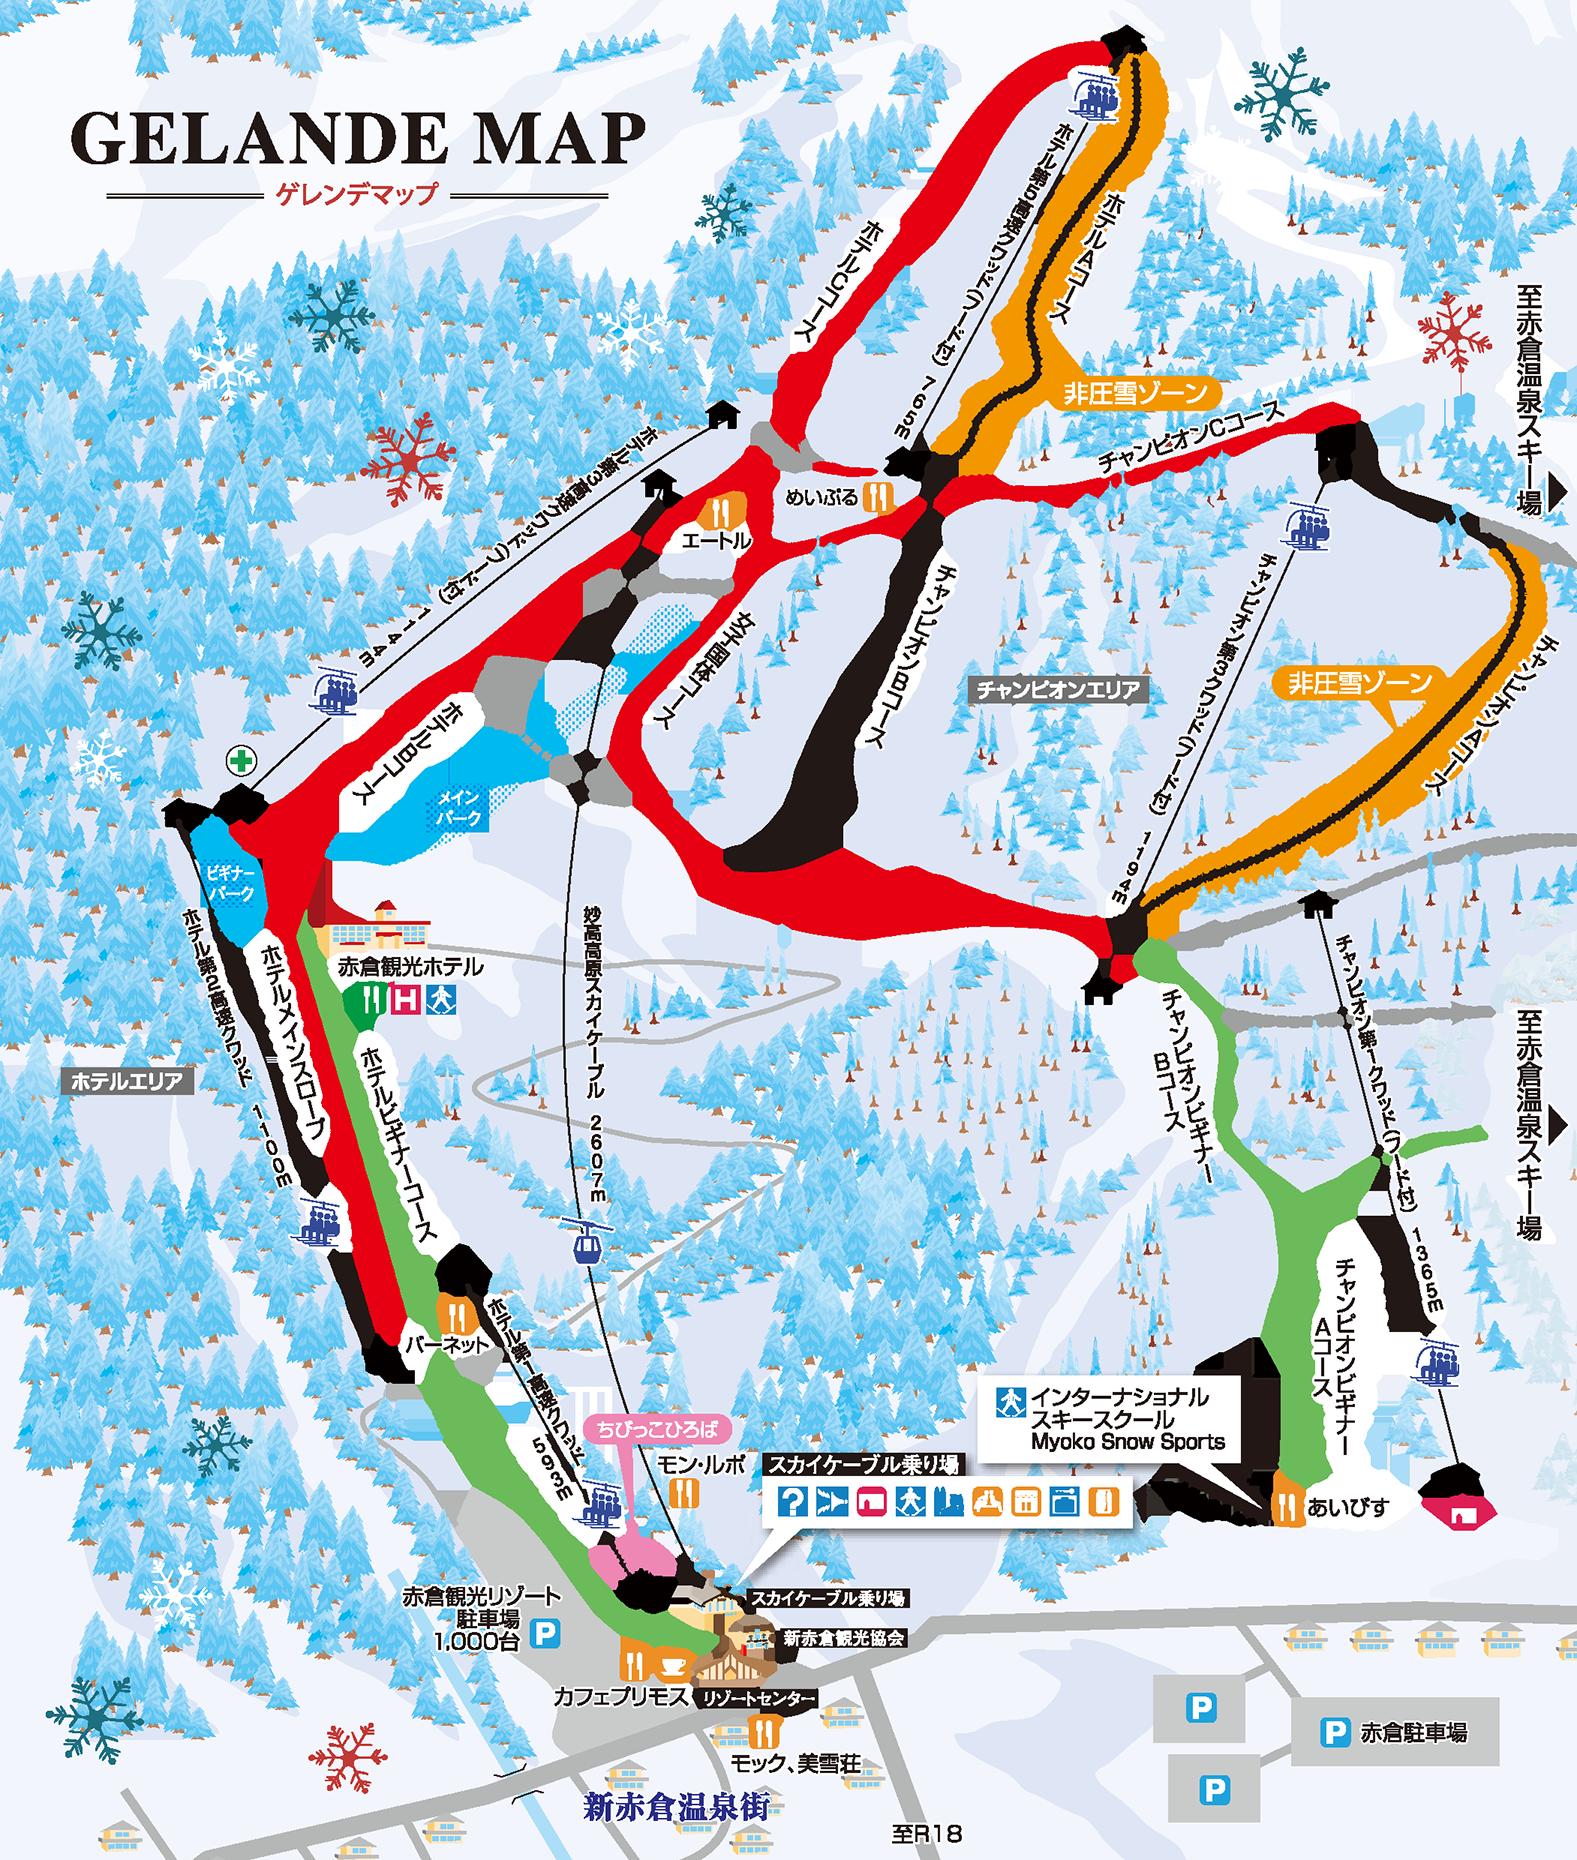 赤倉観光リゾートスキー場,コースマップ